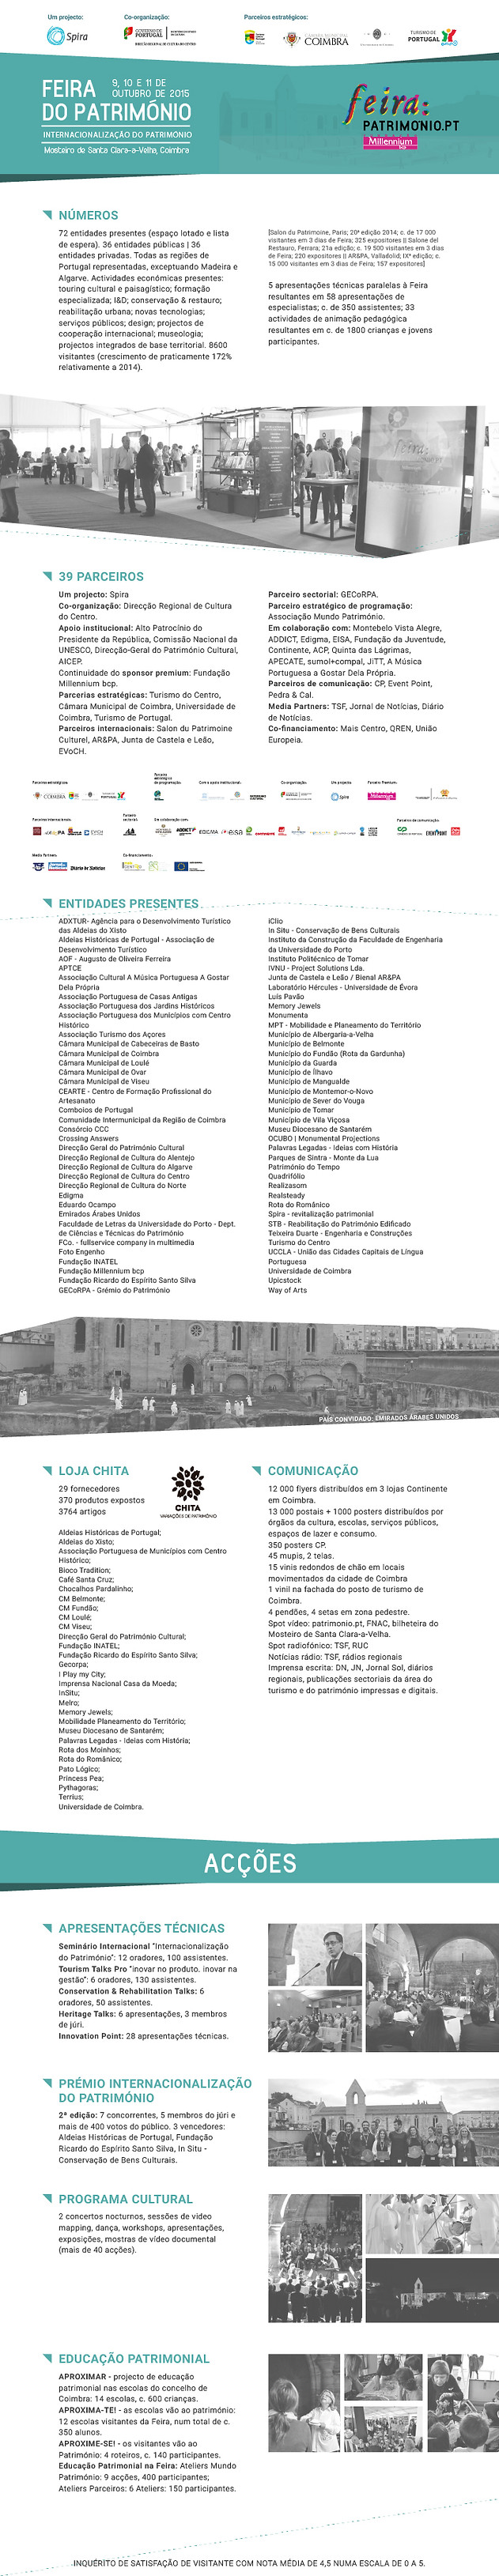 feira do património 2015 coimbra